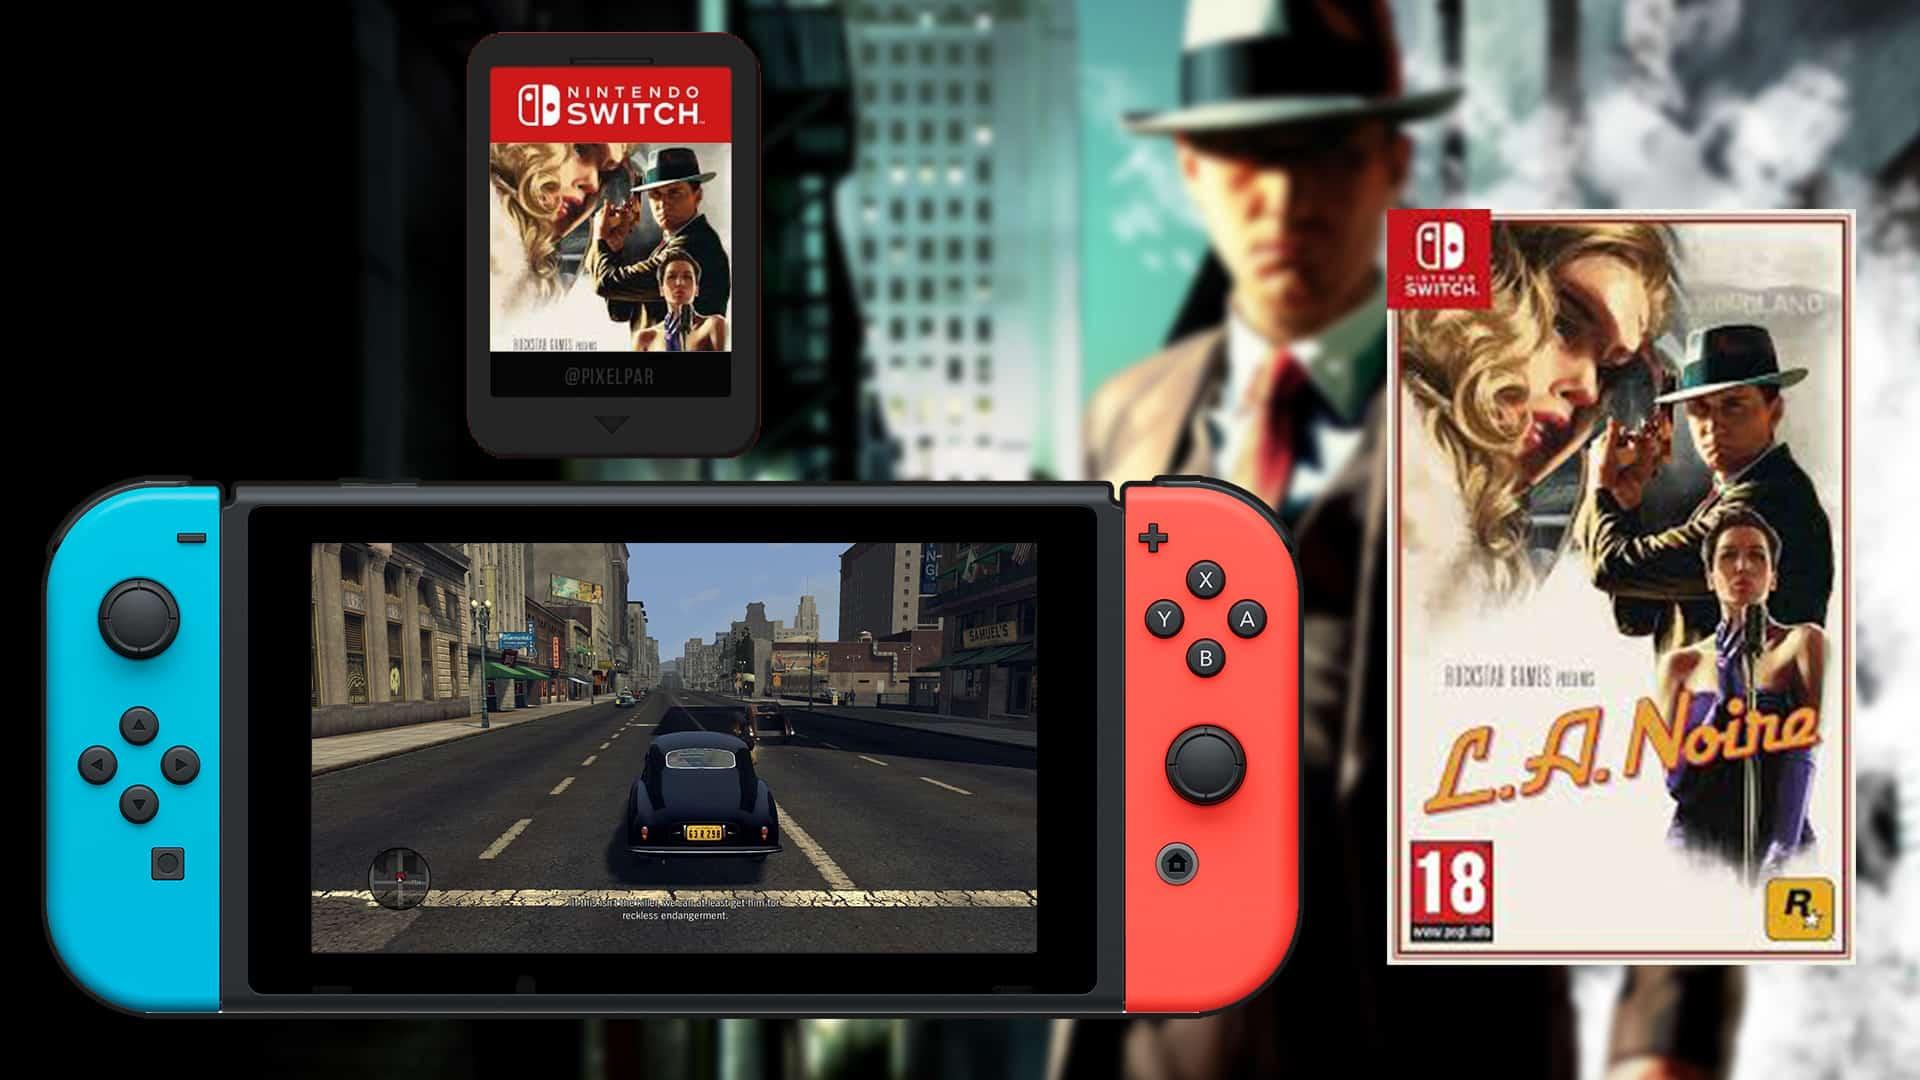 Pensando em adquirir LA Noire no Switch? Recomendamos um cartão micro SD